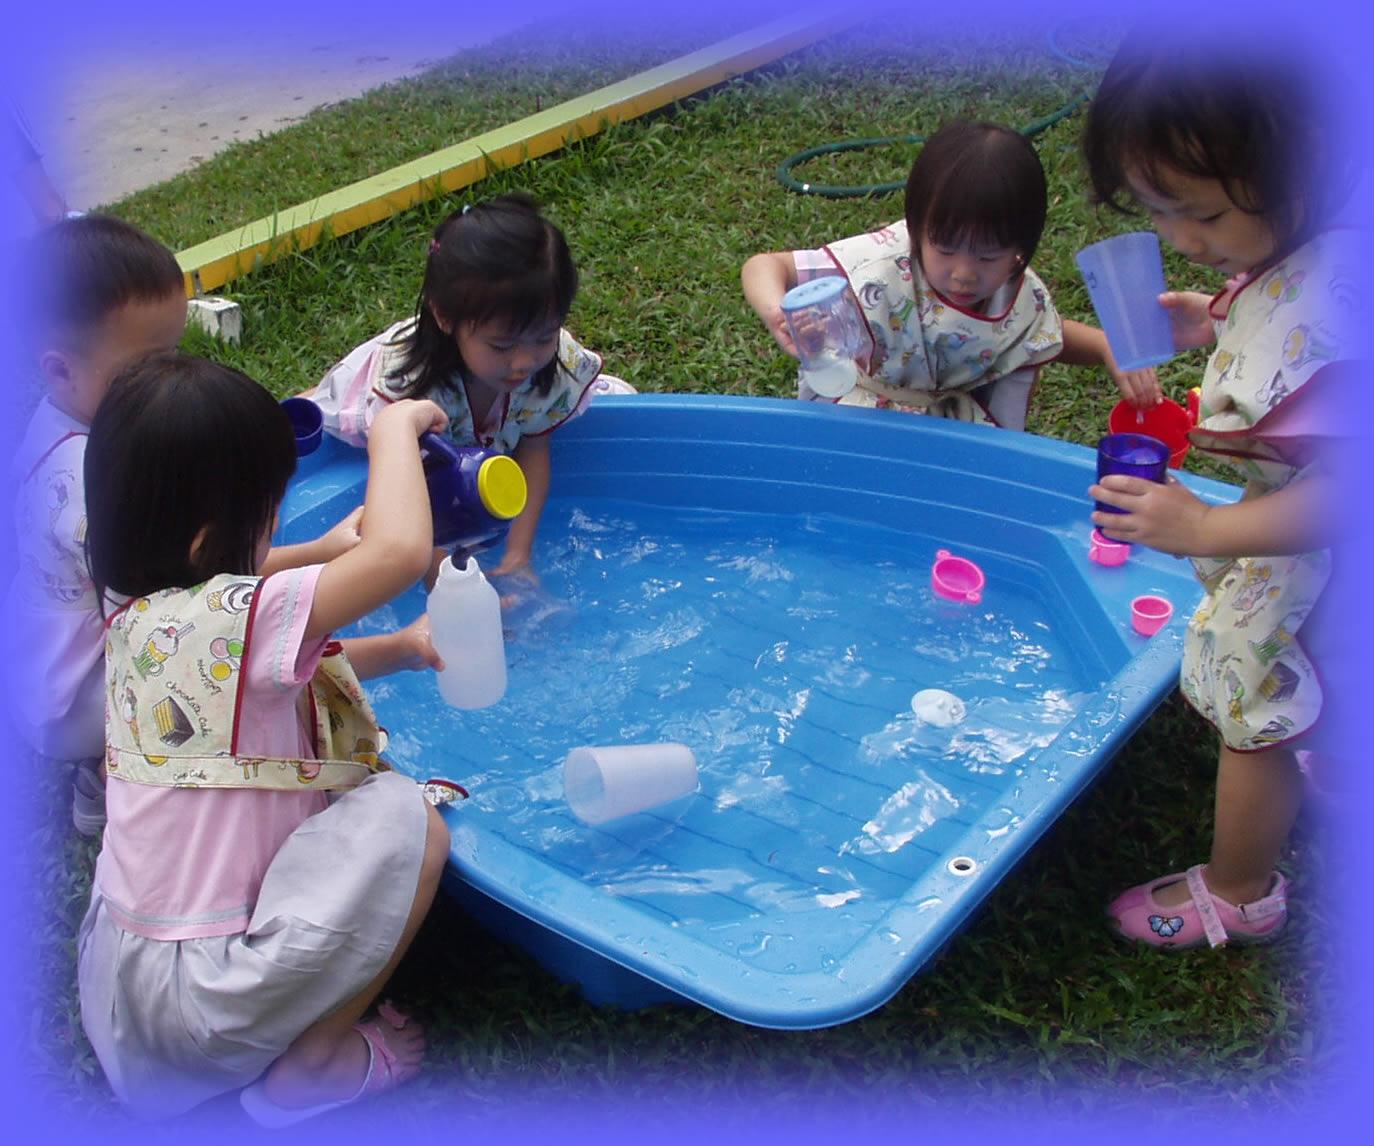 preschool outdoor activities archives